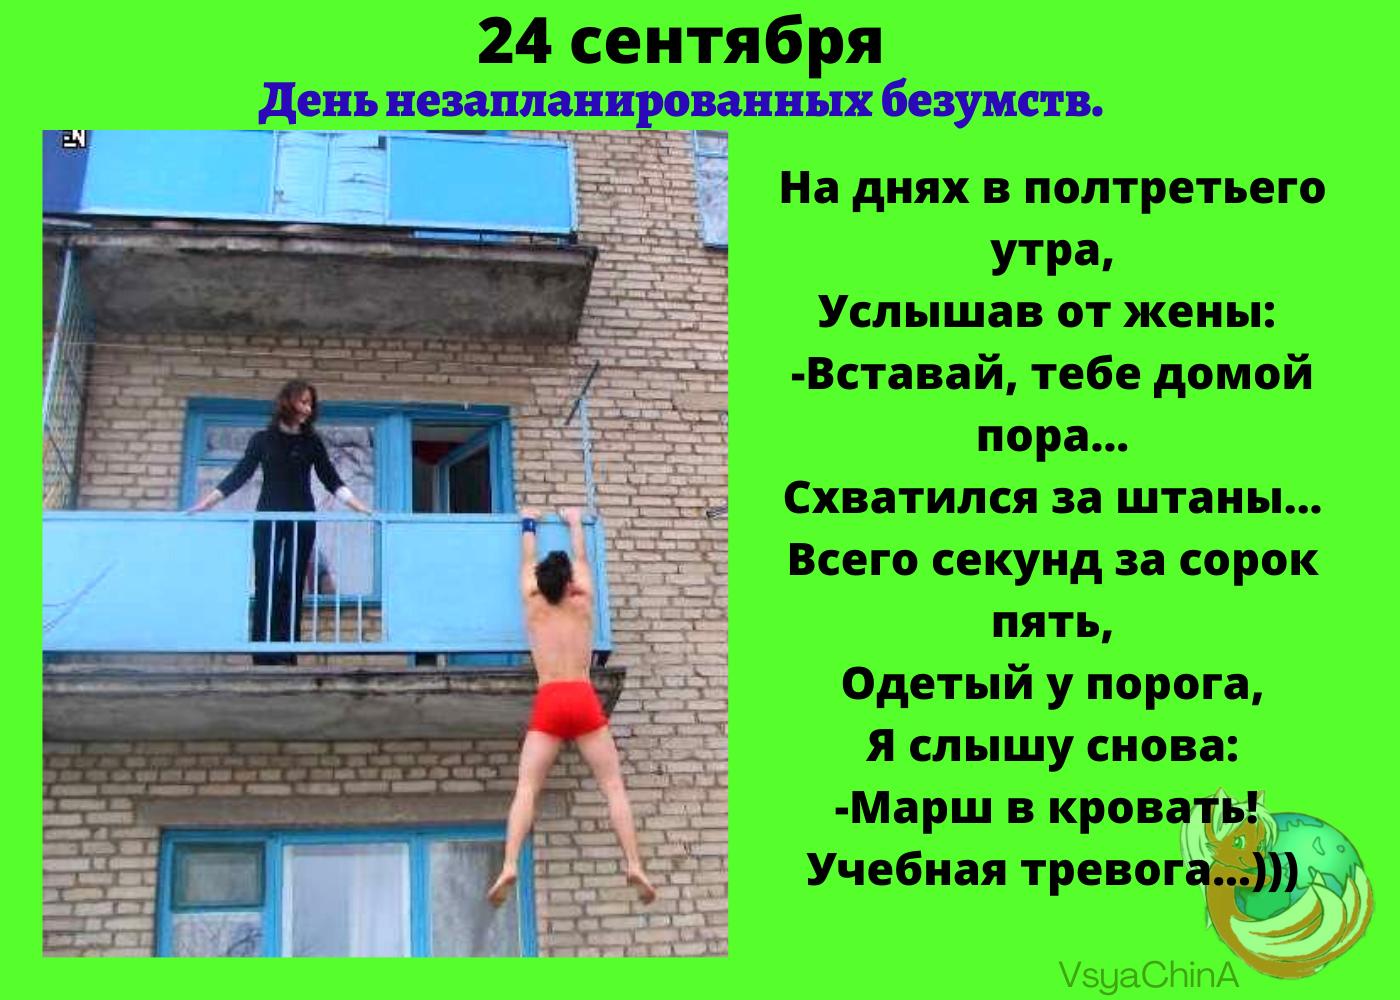 24 сентября_день незапланированных безумств